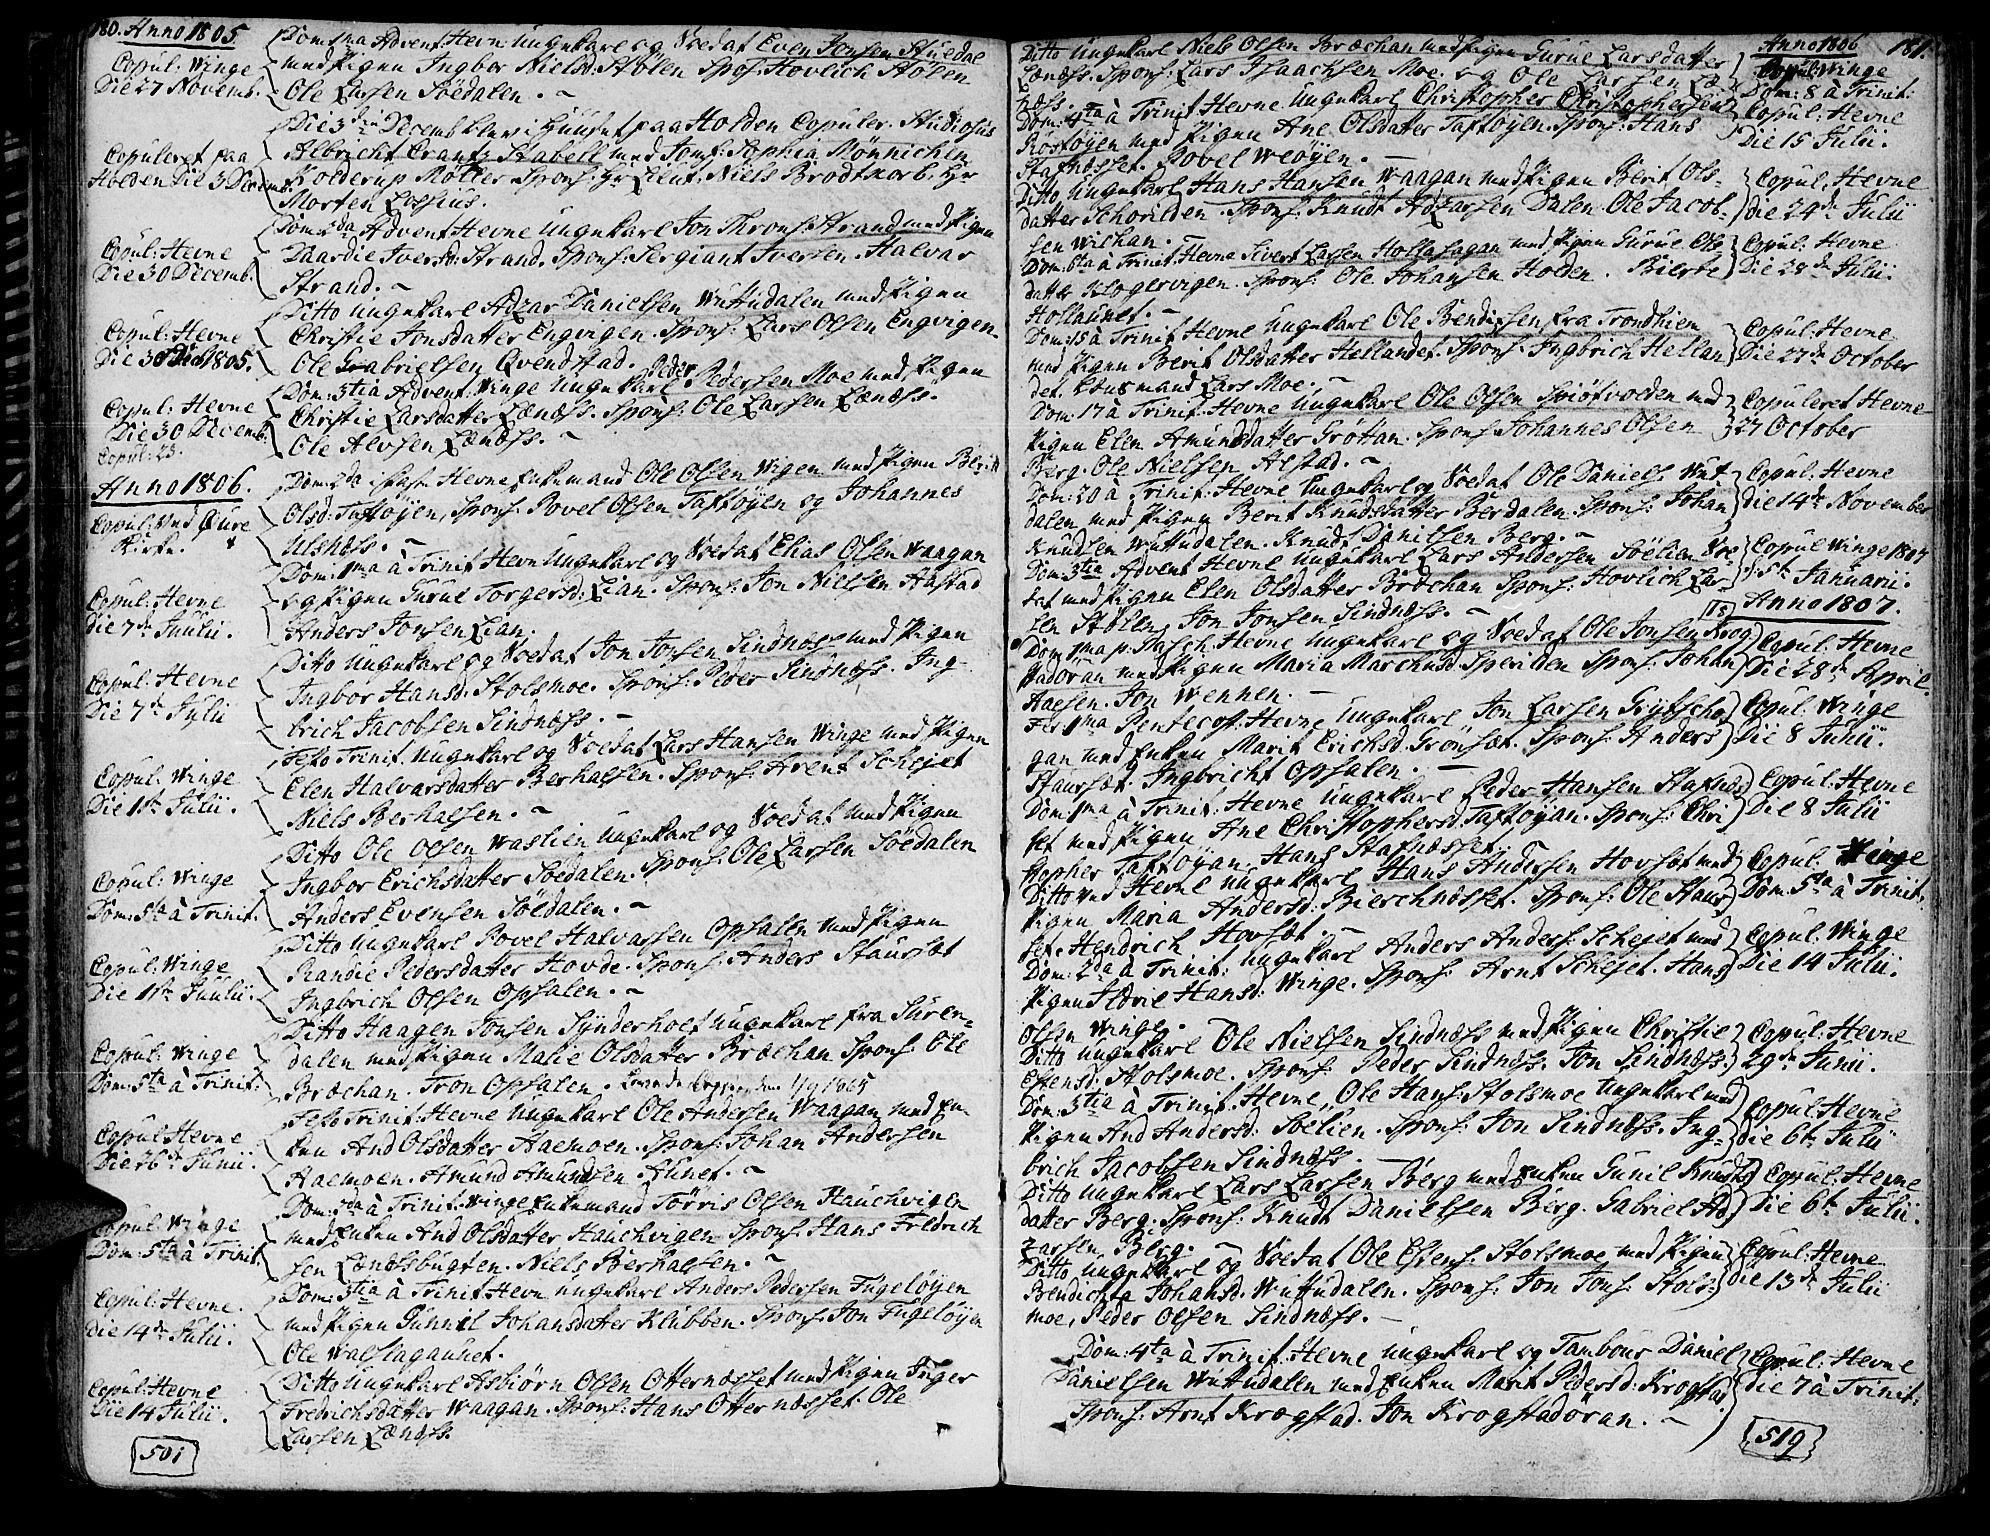 SAT, Ministerialprotokoller, klokkerbøker og fødselsregistre - Sør-Trøndelag, 630/L0490: Ministerialbok nr. 630A03, 1795-1818, s. 180-181